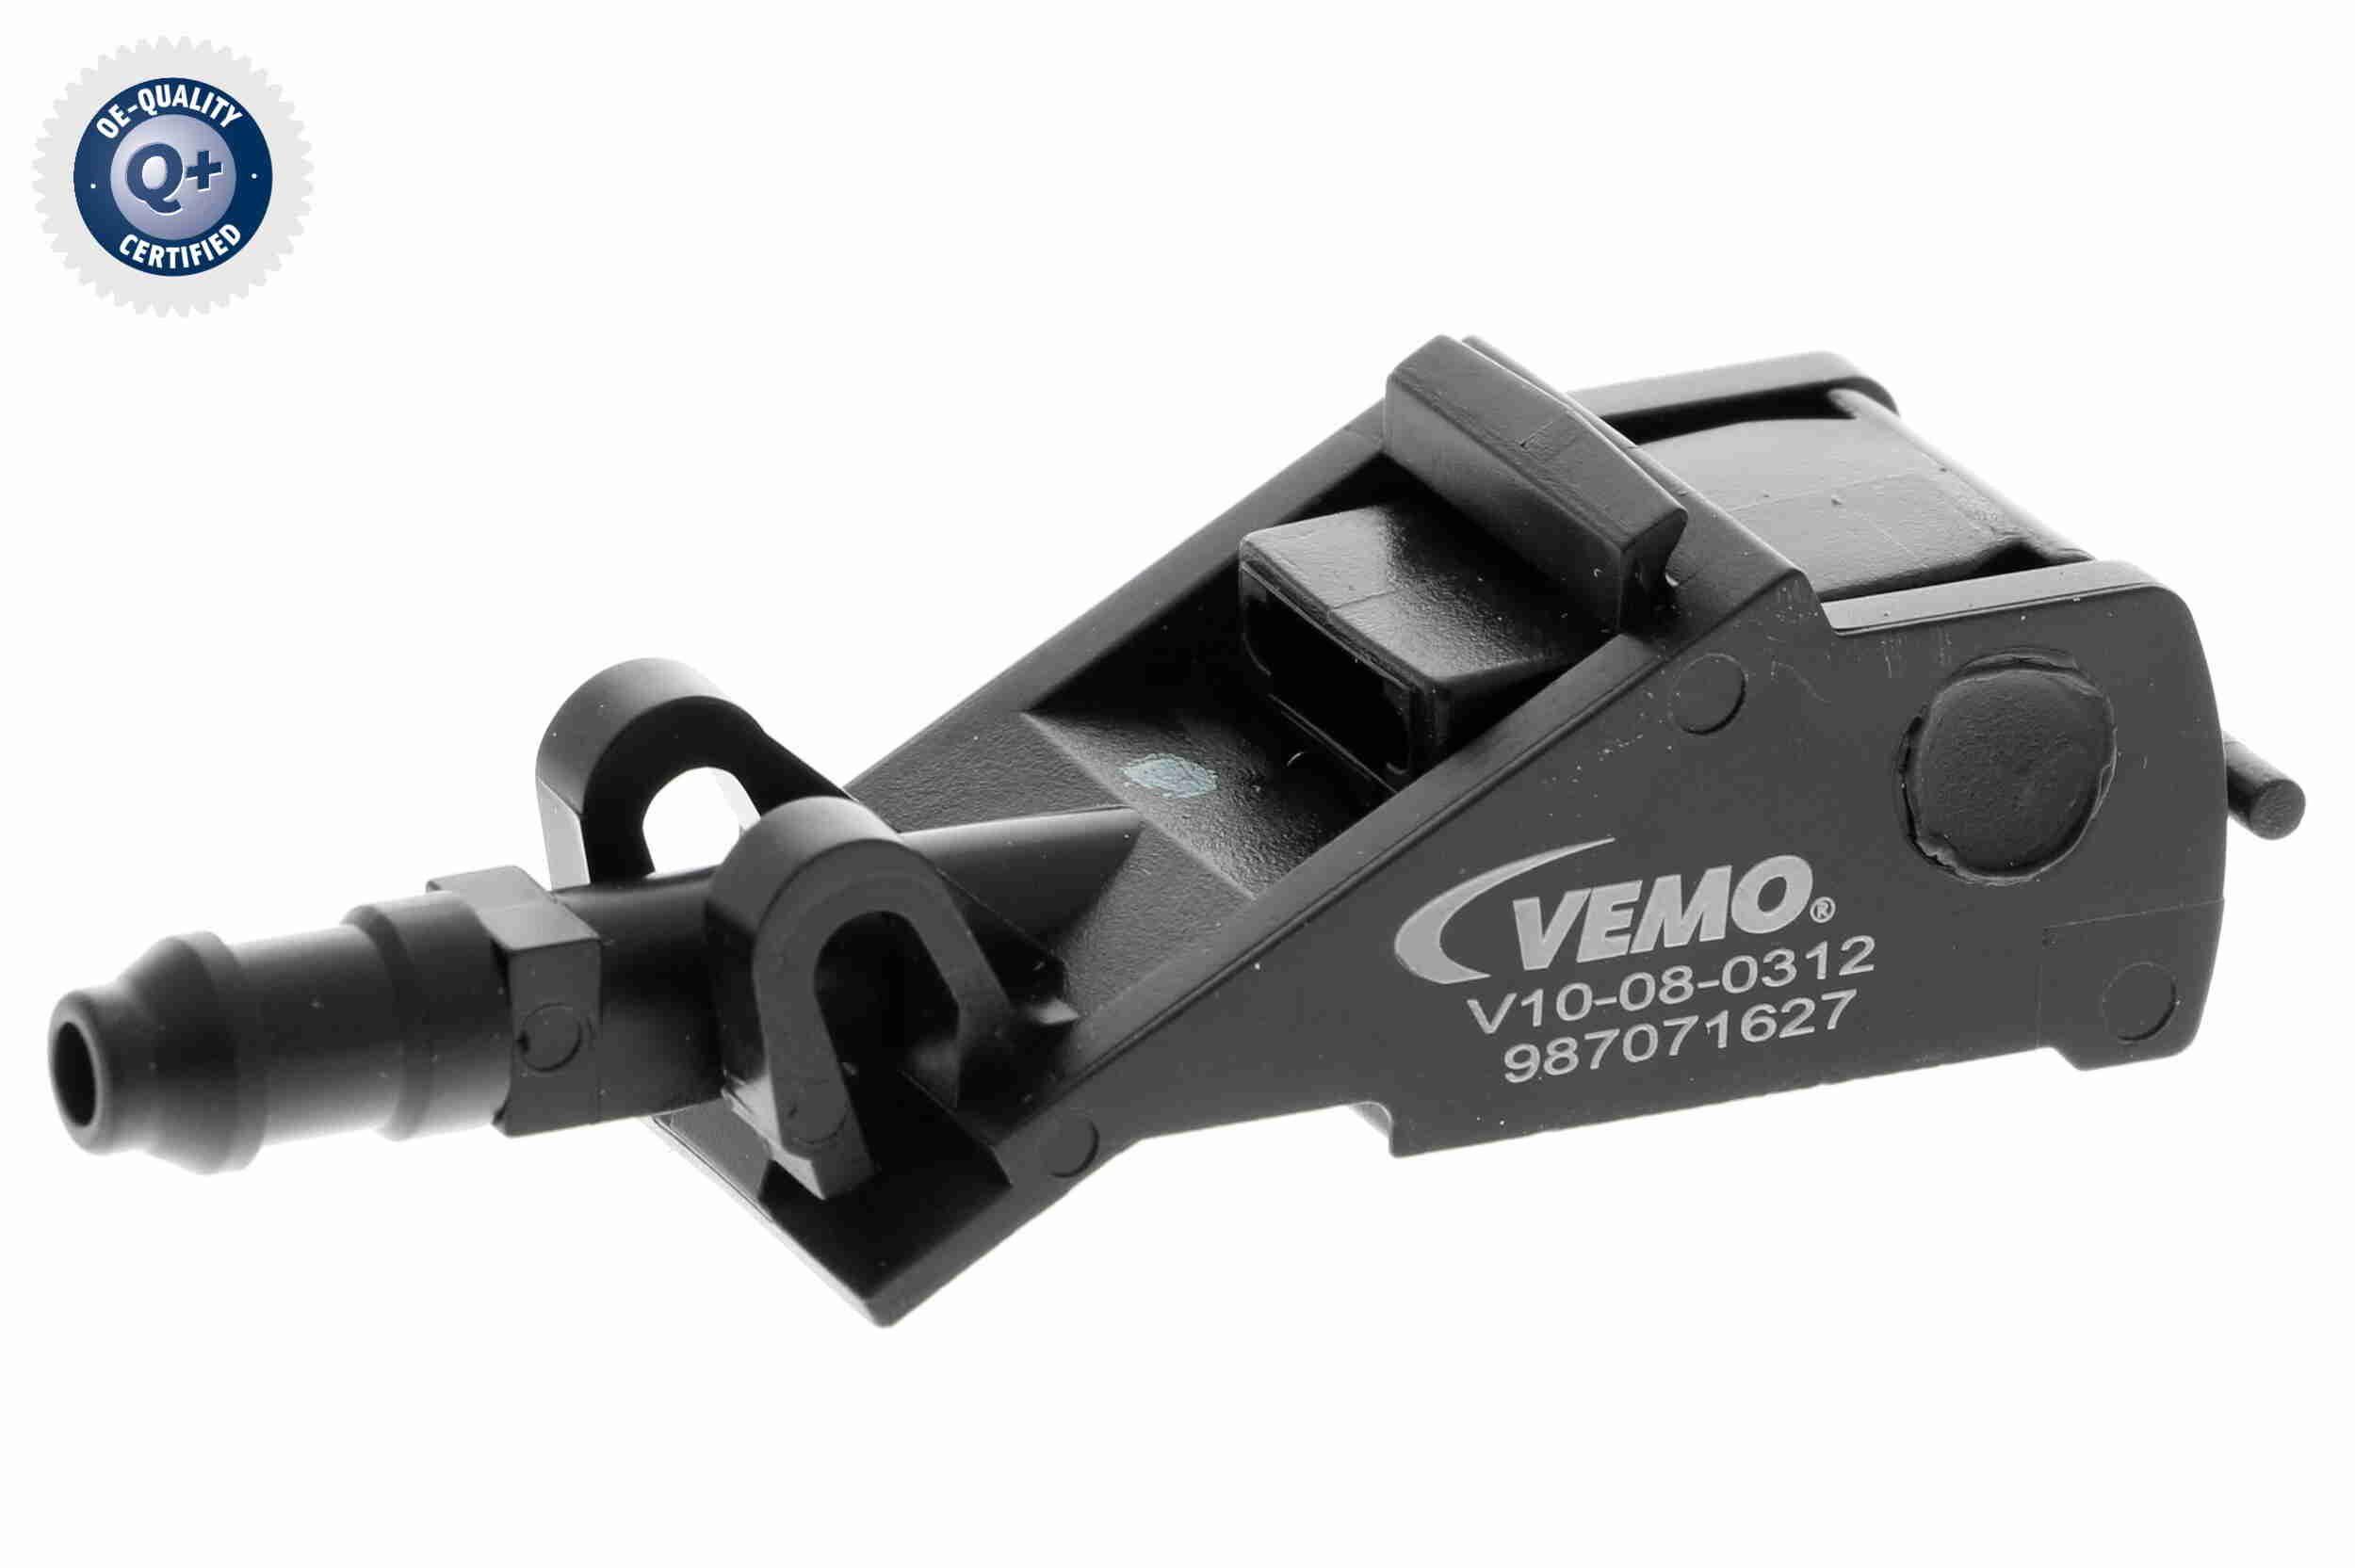 V10-08-0312 VEMO del fabricante hasta - 26% de descuento!